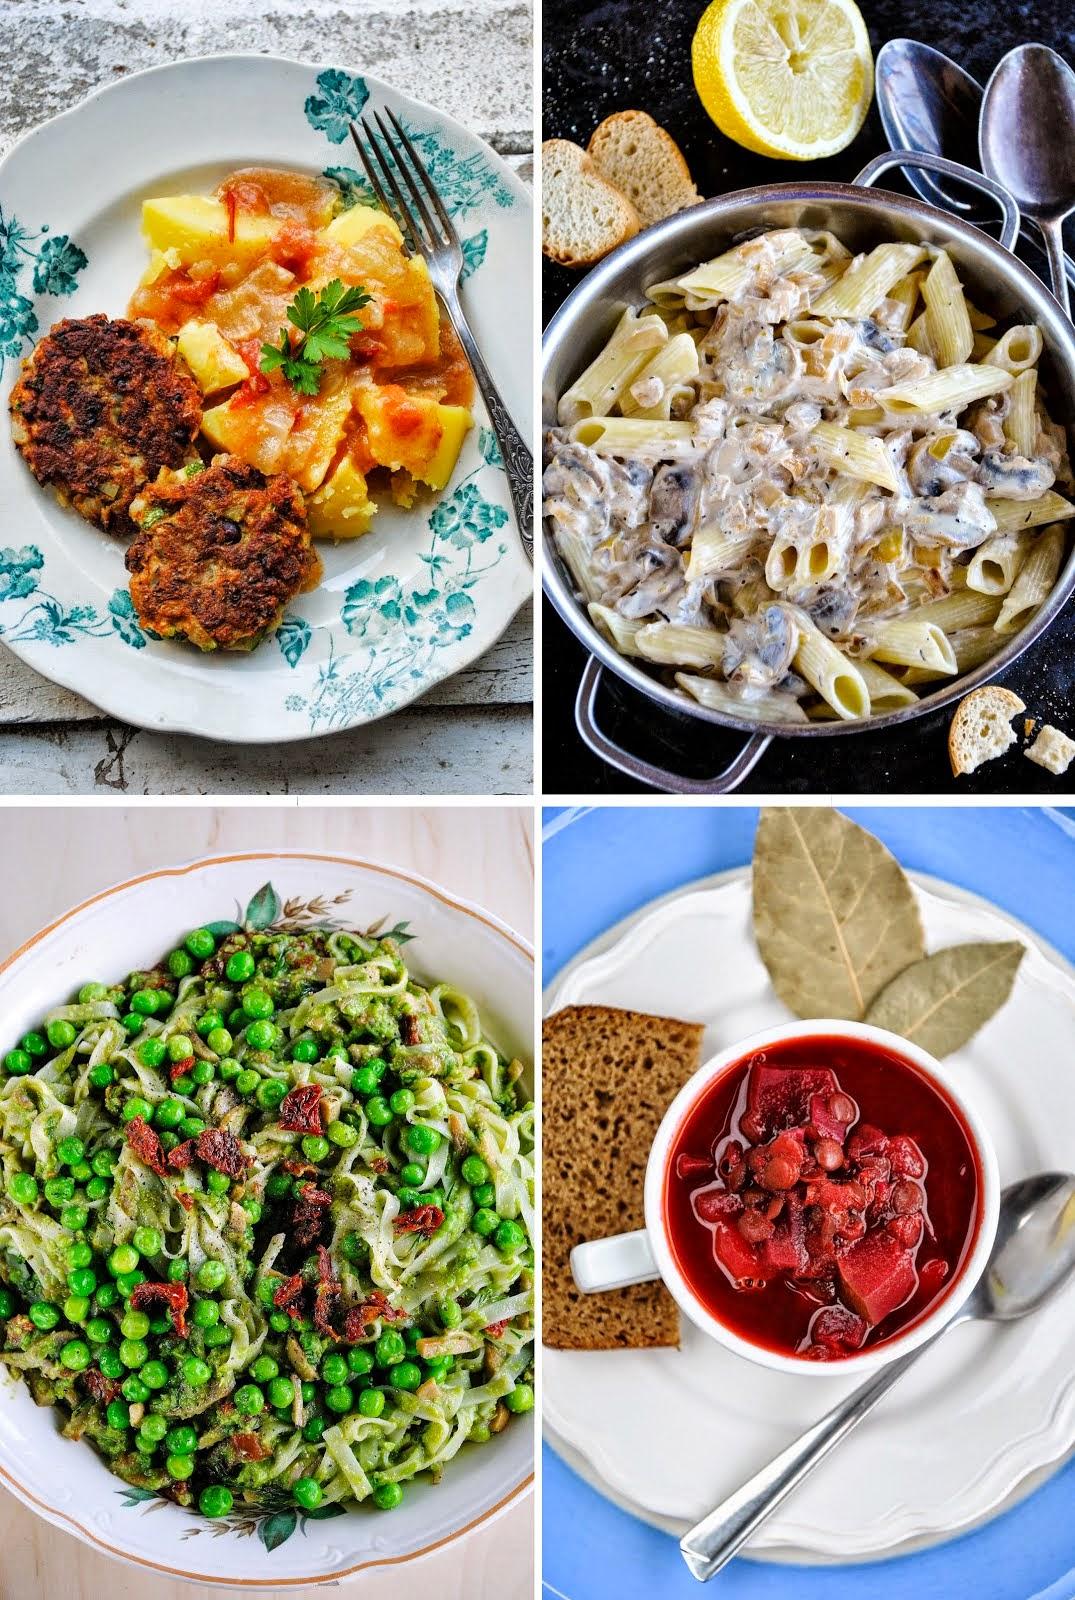 Mida täna süüa teha? Vaata tasuta nädalamenüüsid koos poenimekirjaga! (kliki pildil)